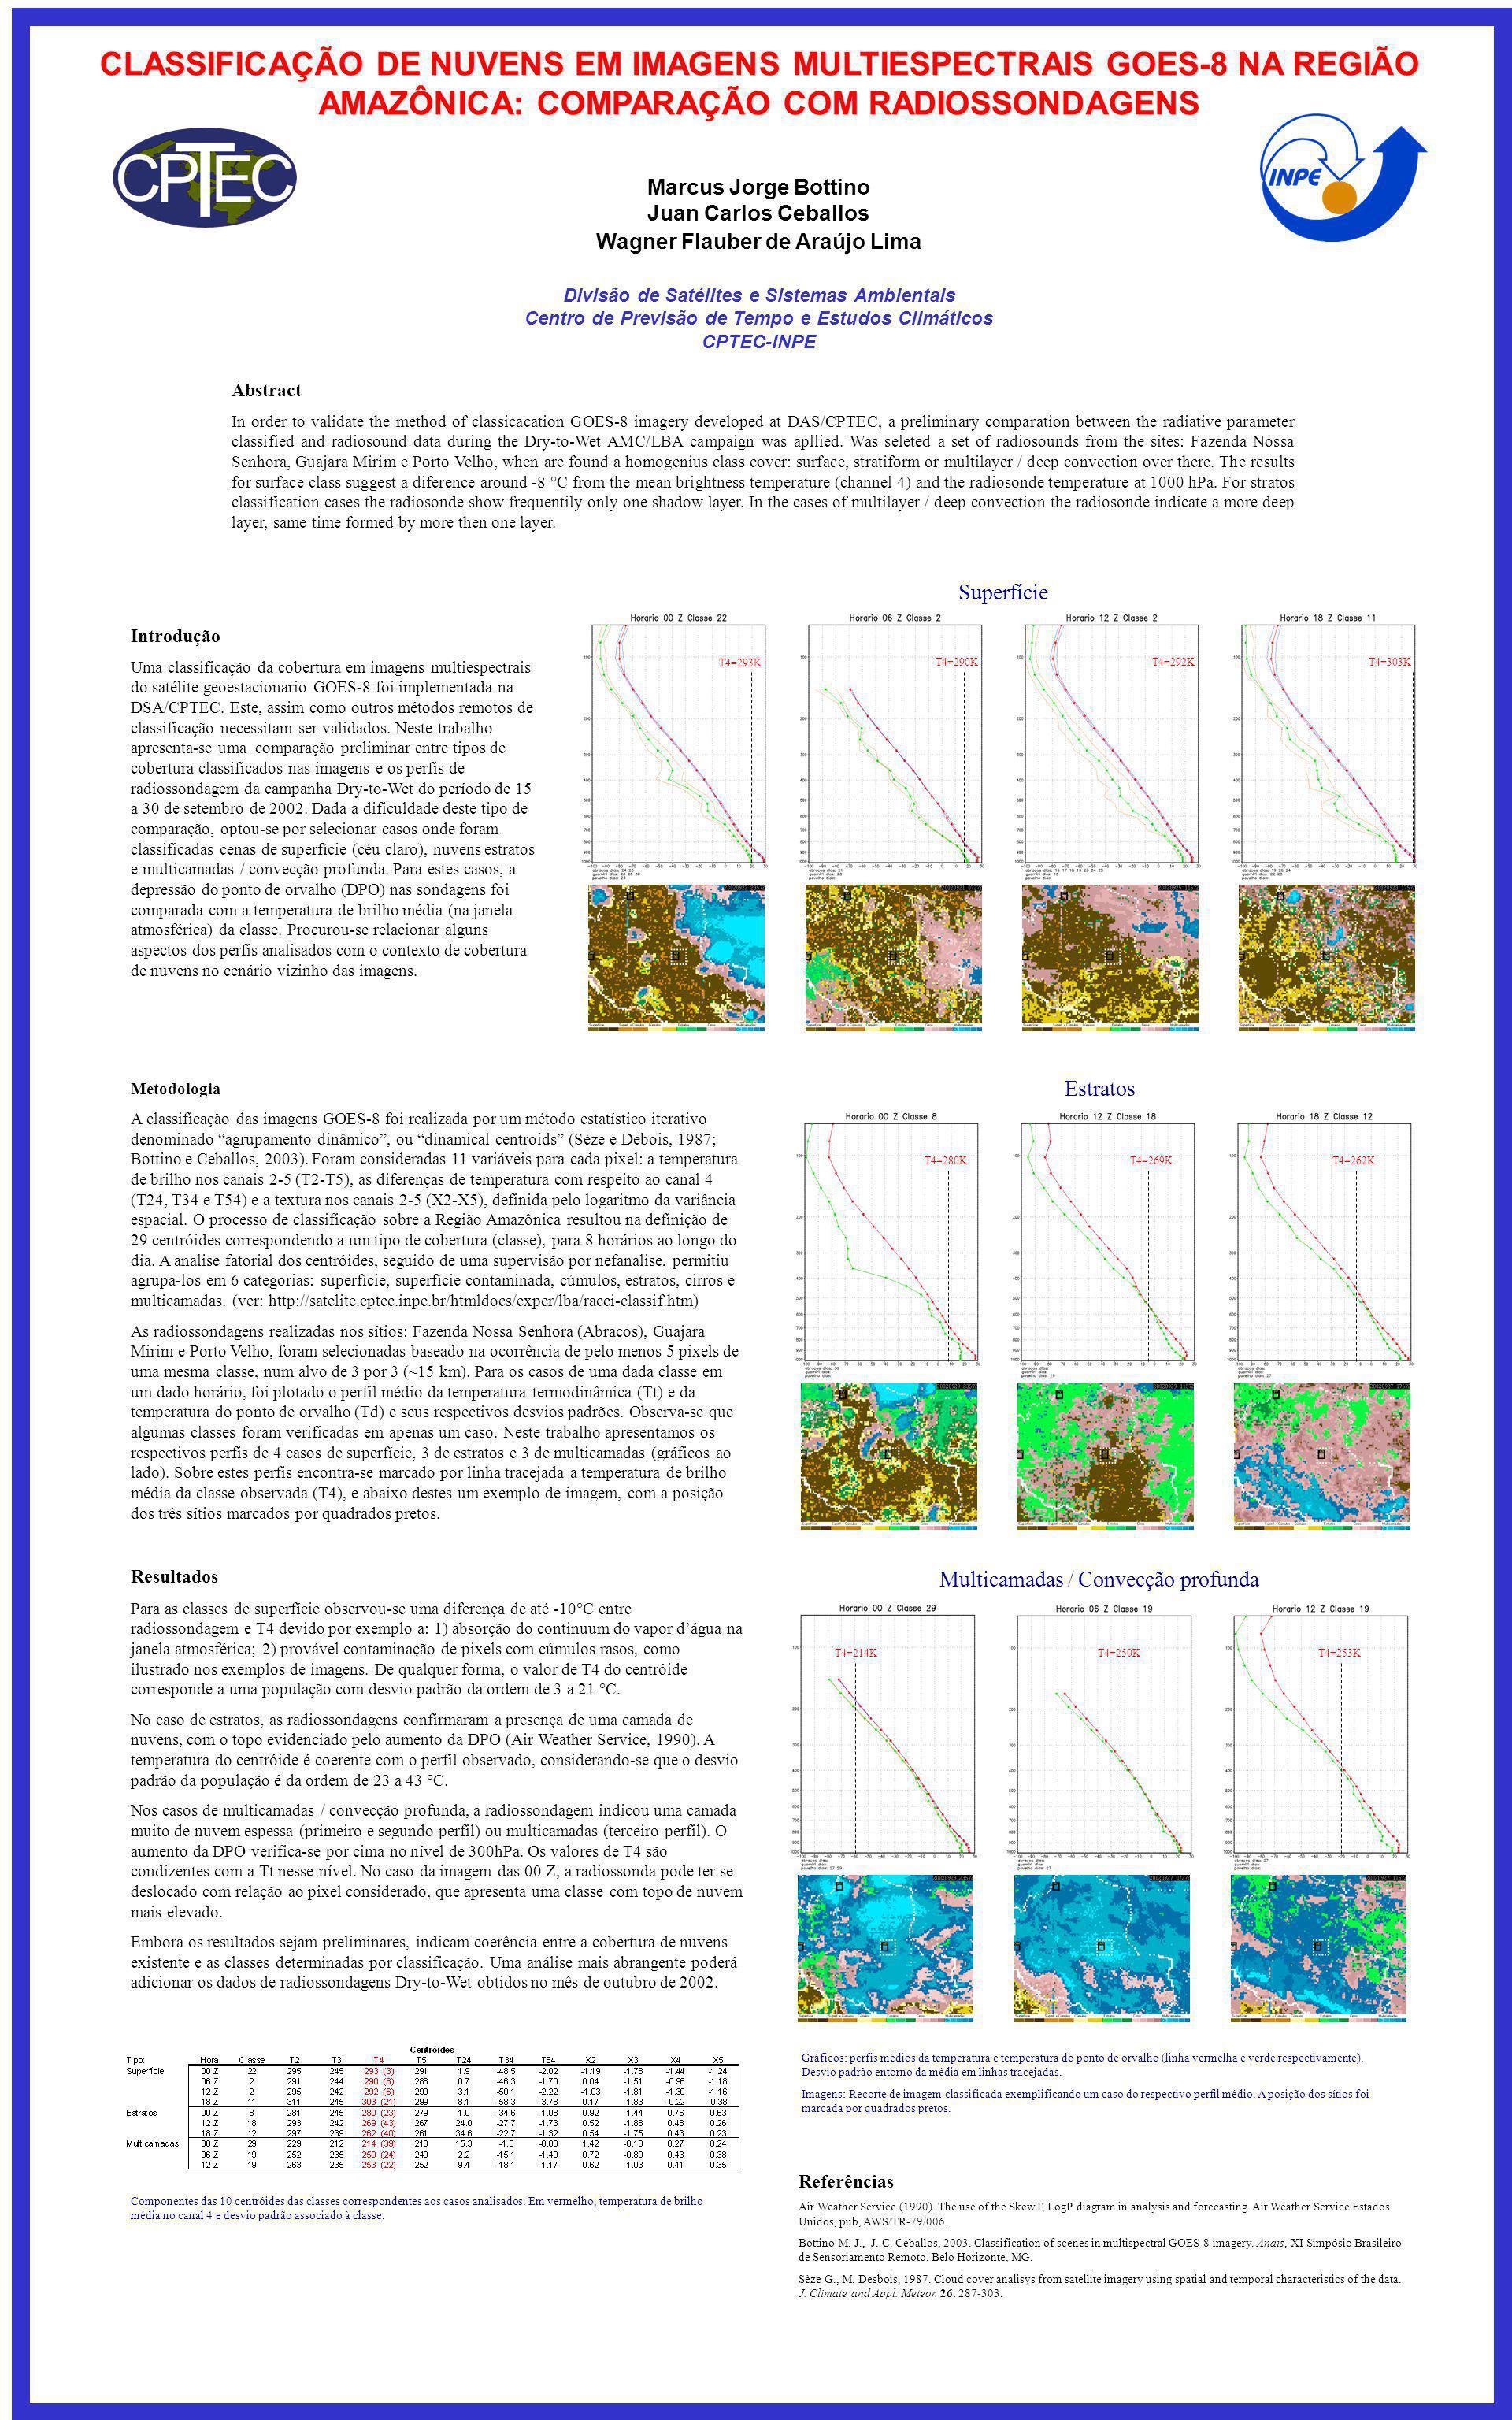 CLASSIFICAÇÃO DE NUVENS EM IMAGENS MULTIESPECTRAIS GOES-8 NA REGIÃO AMAZÔNICA: COMPARAÇÃO COM RADIOSSONDAGENS Marcus Jorge Bottino Juan Carlos Ceballos Wagner Flauber de Araújo Lima Divisão de Satélites e Sistemas Ambientais Centro de Previsão de Tempo e Estudos Climáticos CPTEC-INPE Abstract In order to validate the method of classicacation GOES-8 imagery developed at DAS/CPTEC, a preliminary comparation between the radiative parameter classified and radiosound data during the Dry-to-Wet AMC/LBA campaign was apllied.